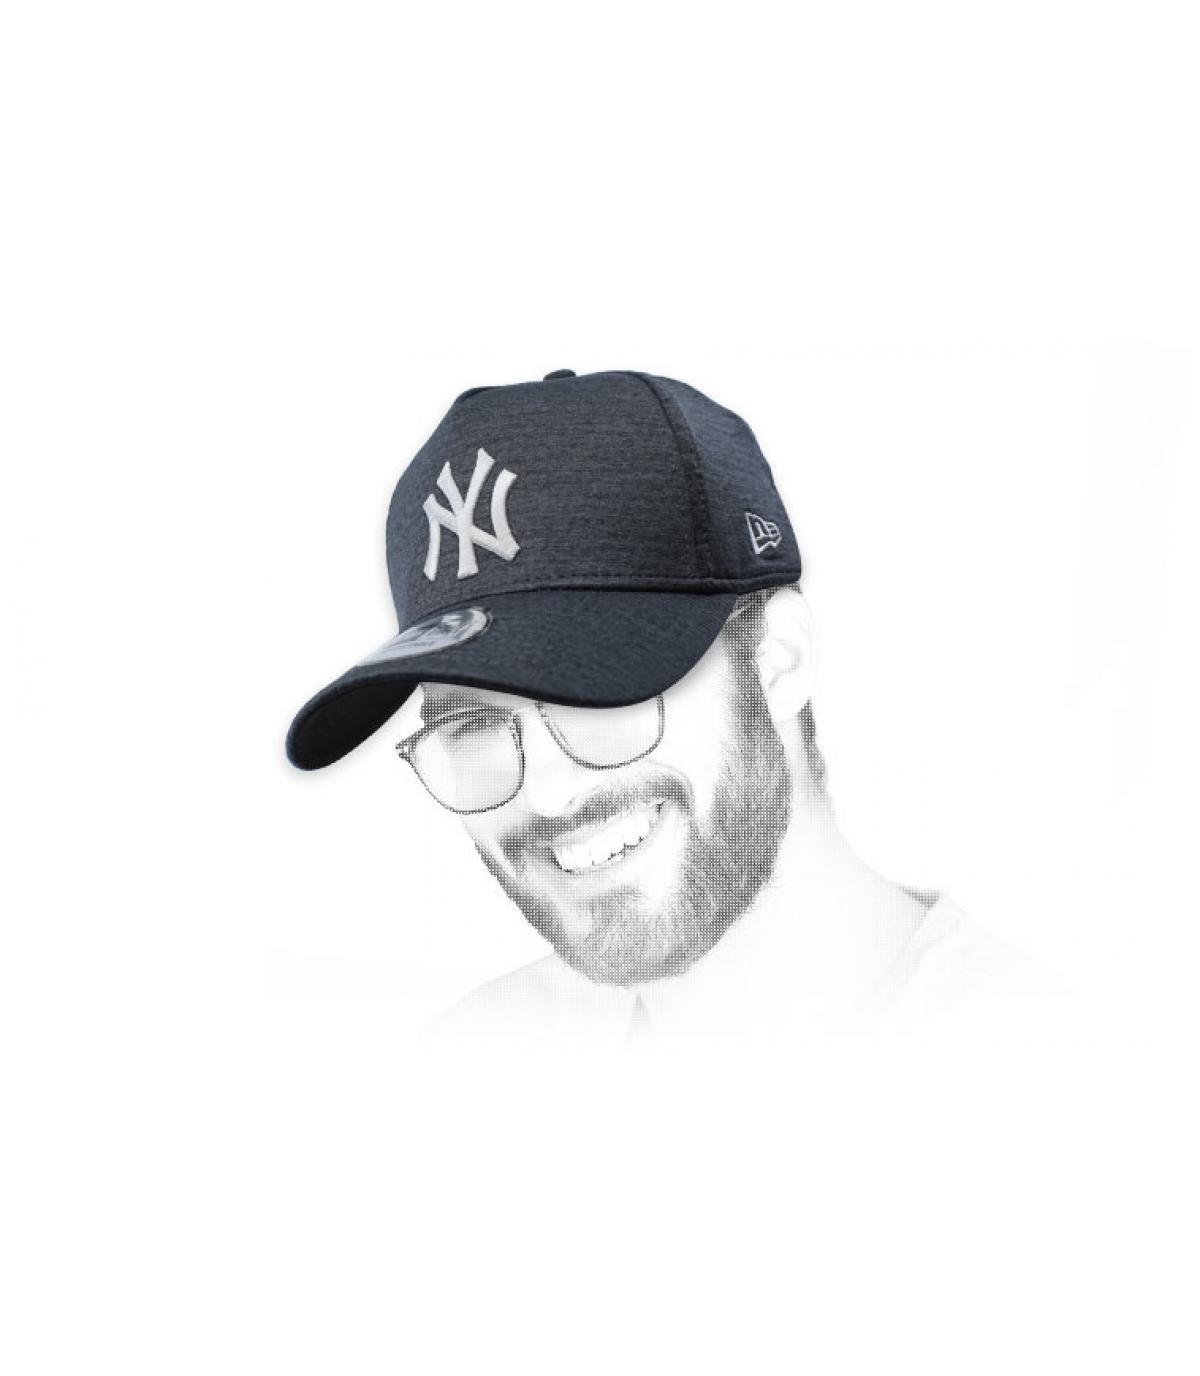 casquette NY noir gris Aframe